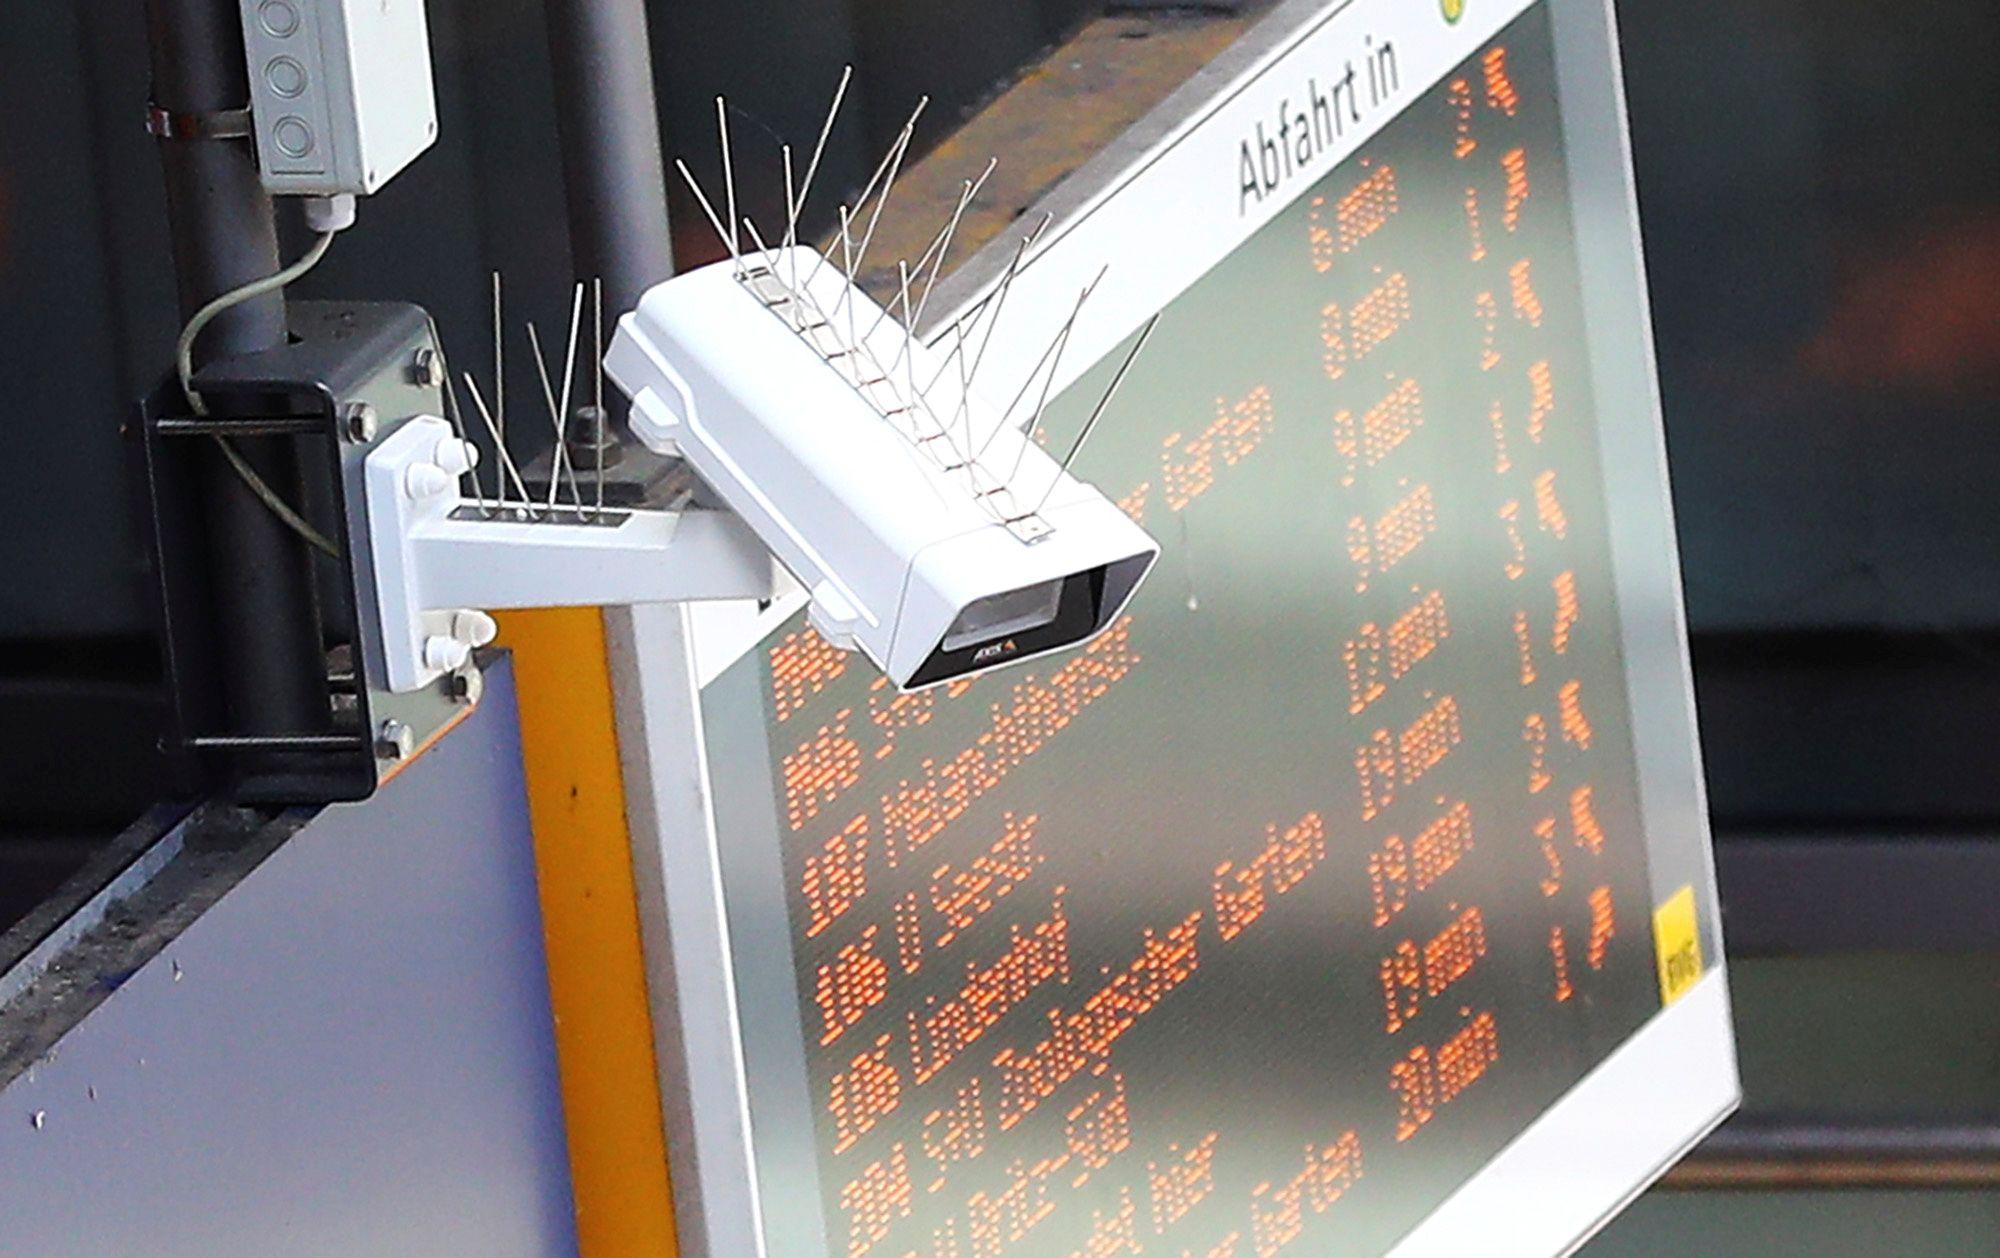 Berlin station cameras